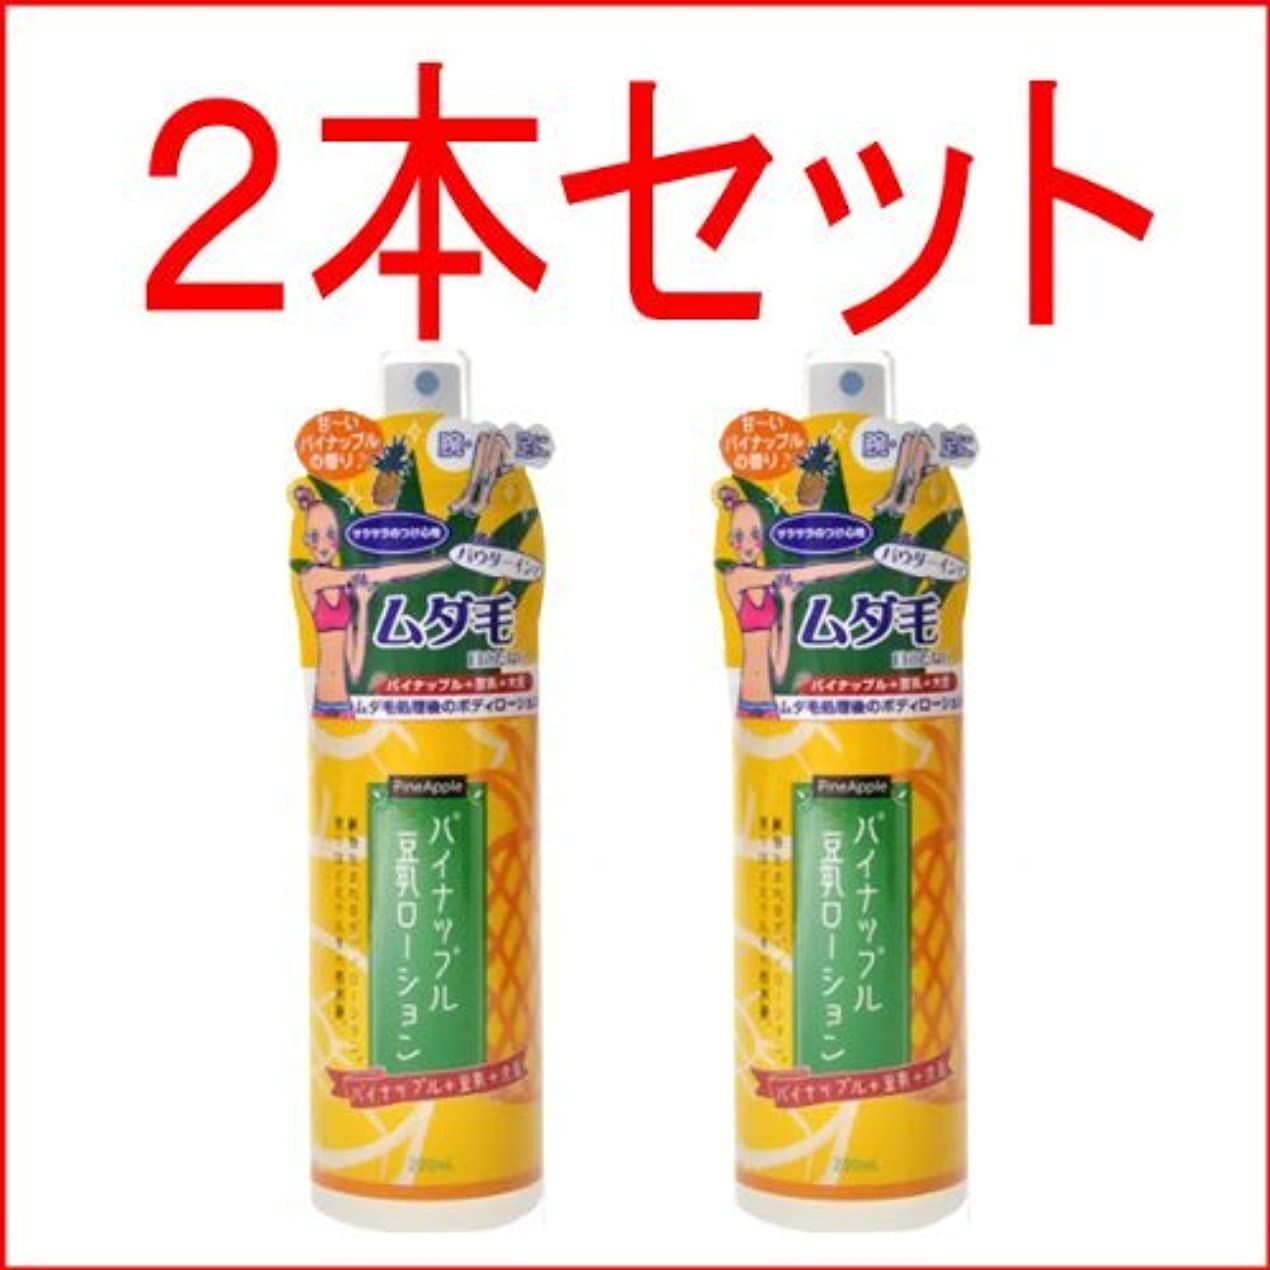 正当なリアルデュアルパイナップル豆乳ローション2本セット【ムダ毛処理後専用ボディーローション】